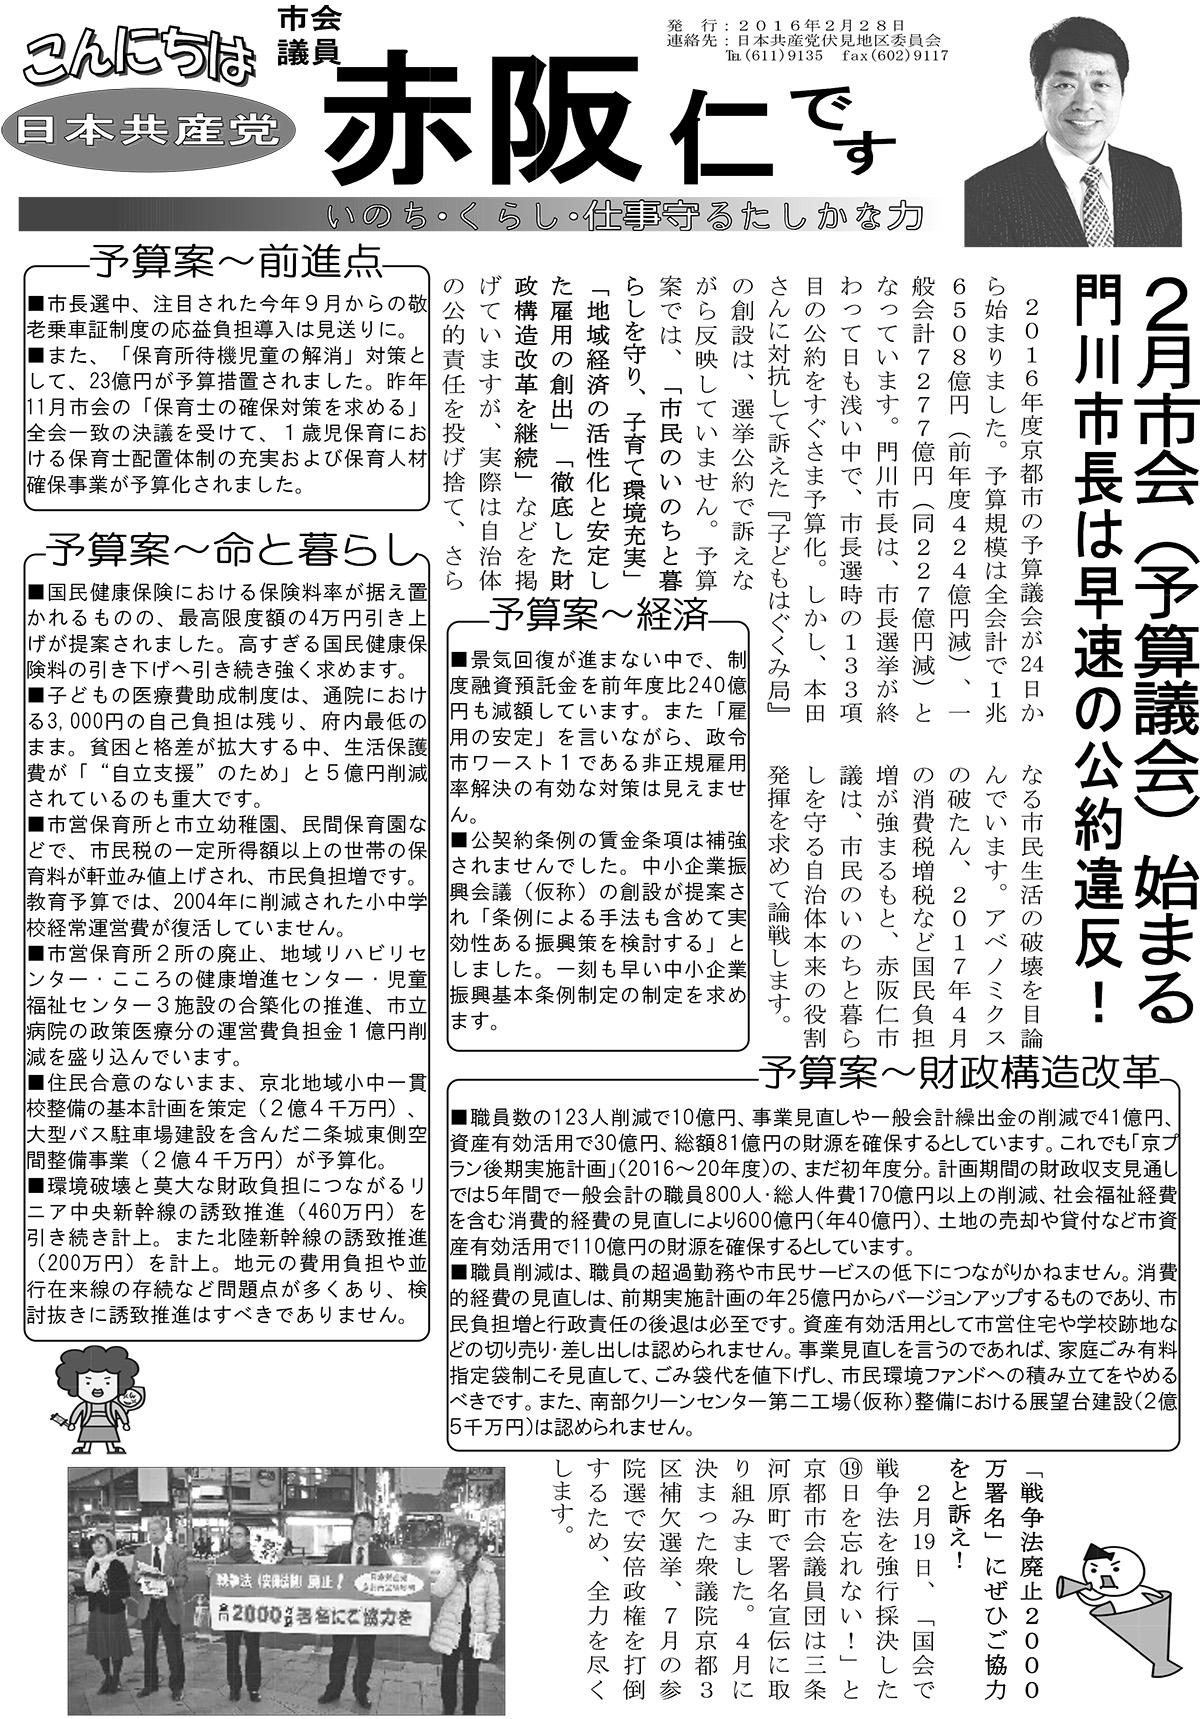 赤阪こんにちは16_02_28 (1)